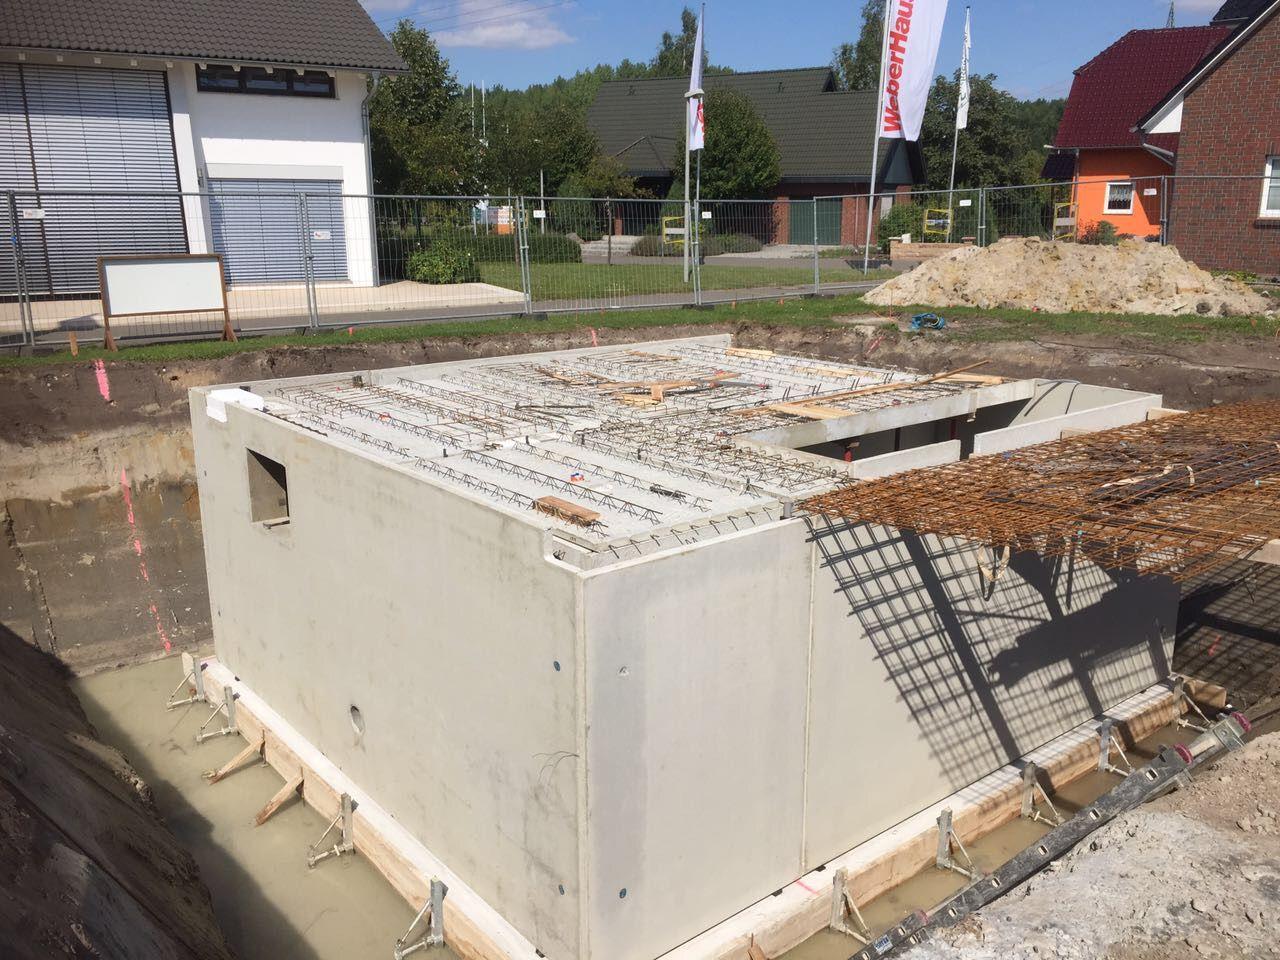 Kw 34 36 2017 Fertigstellen Der Bodenplatte Sowie Aufbau Des